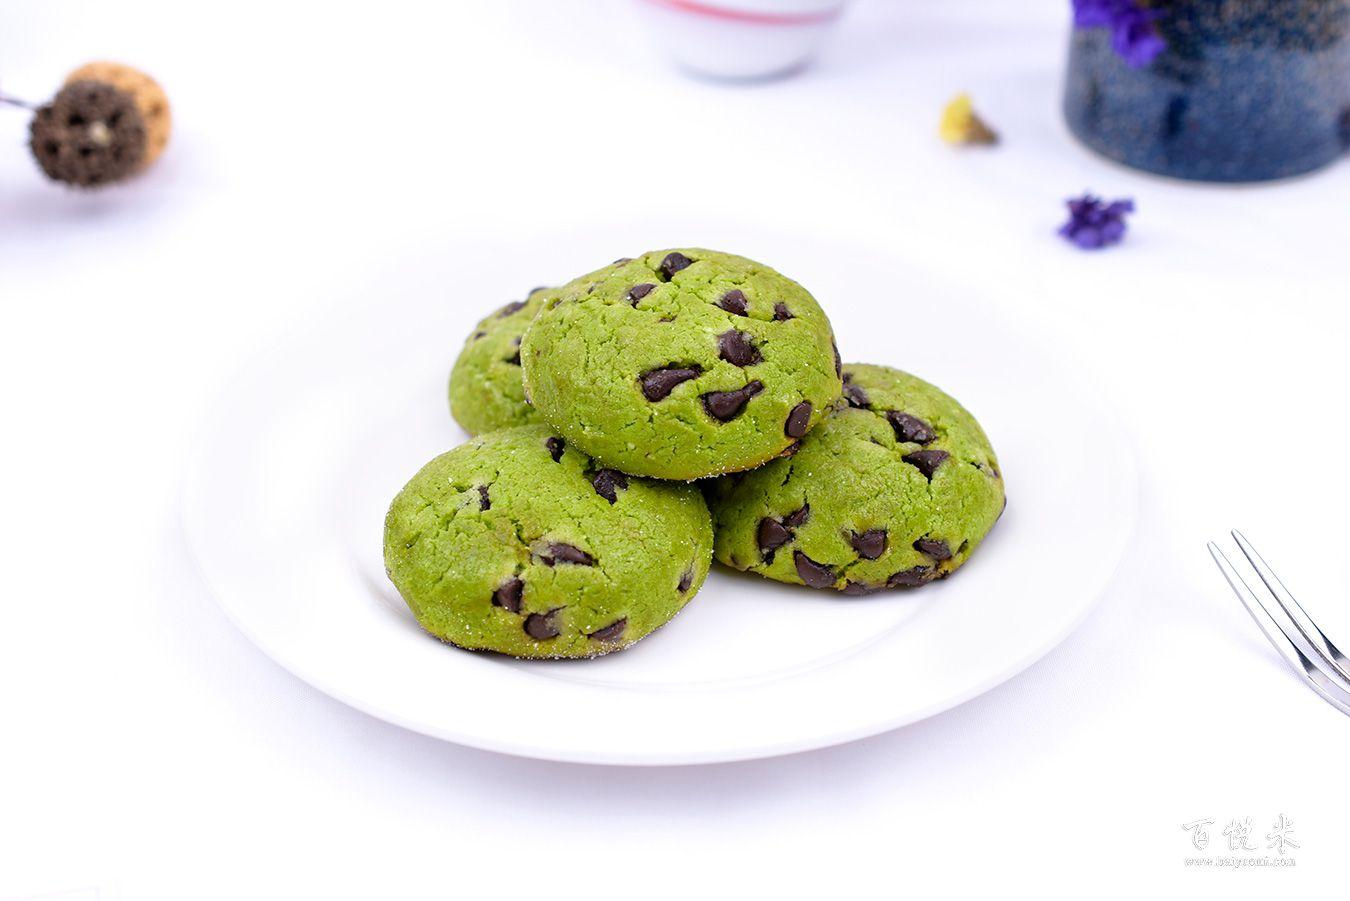 抹茶奶酪巧克力曲奇高清图片大全【蛋糕图片】_682